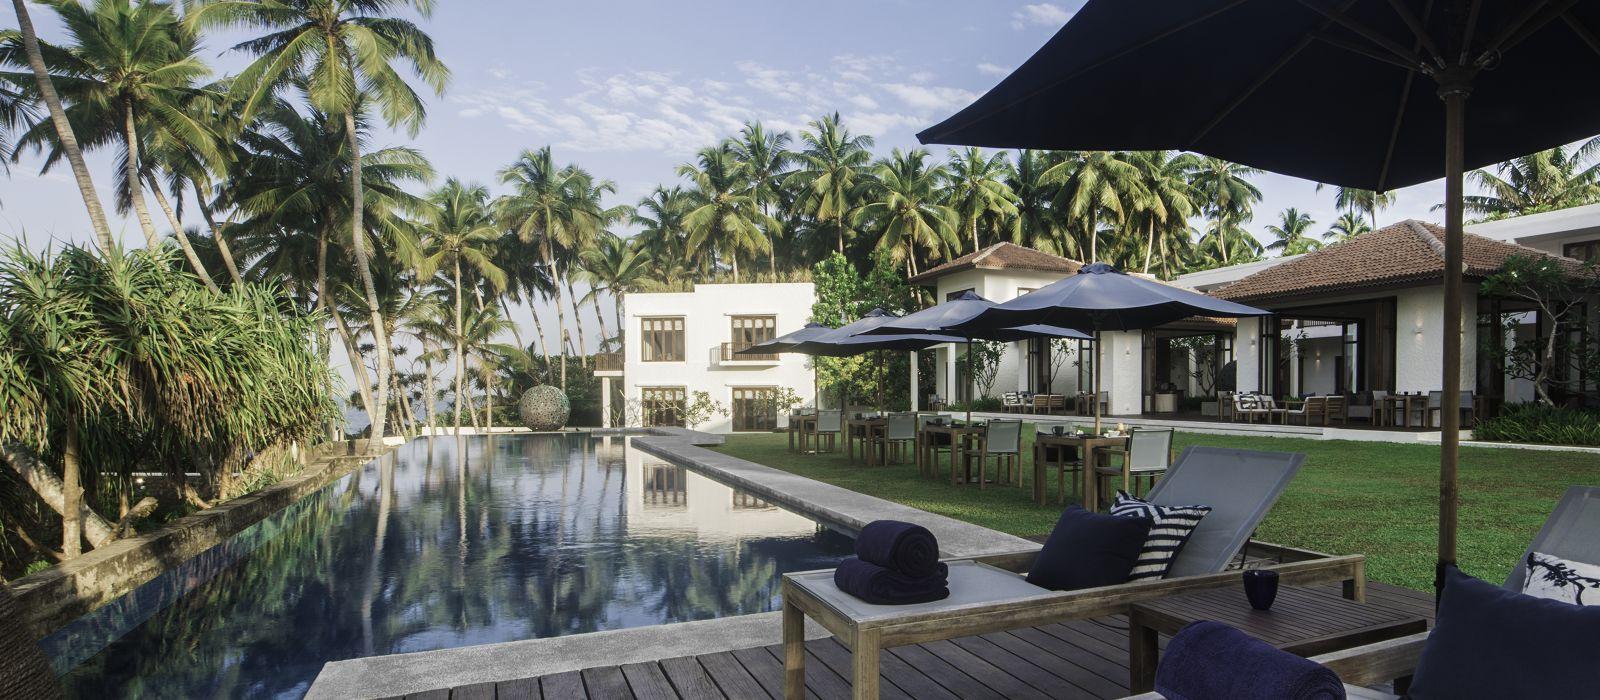 Hotel Kumu Beach Sri Lanka